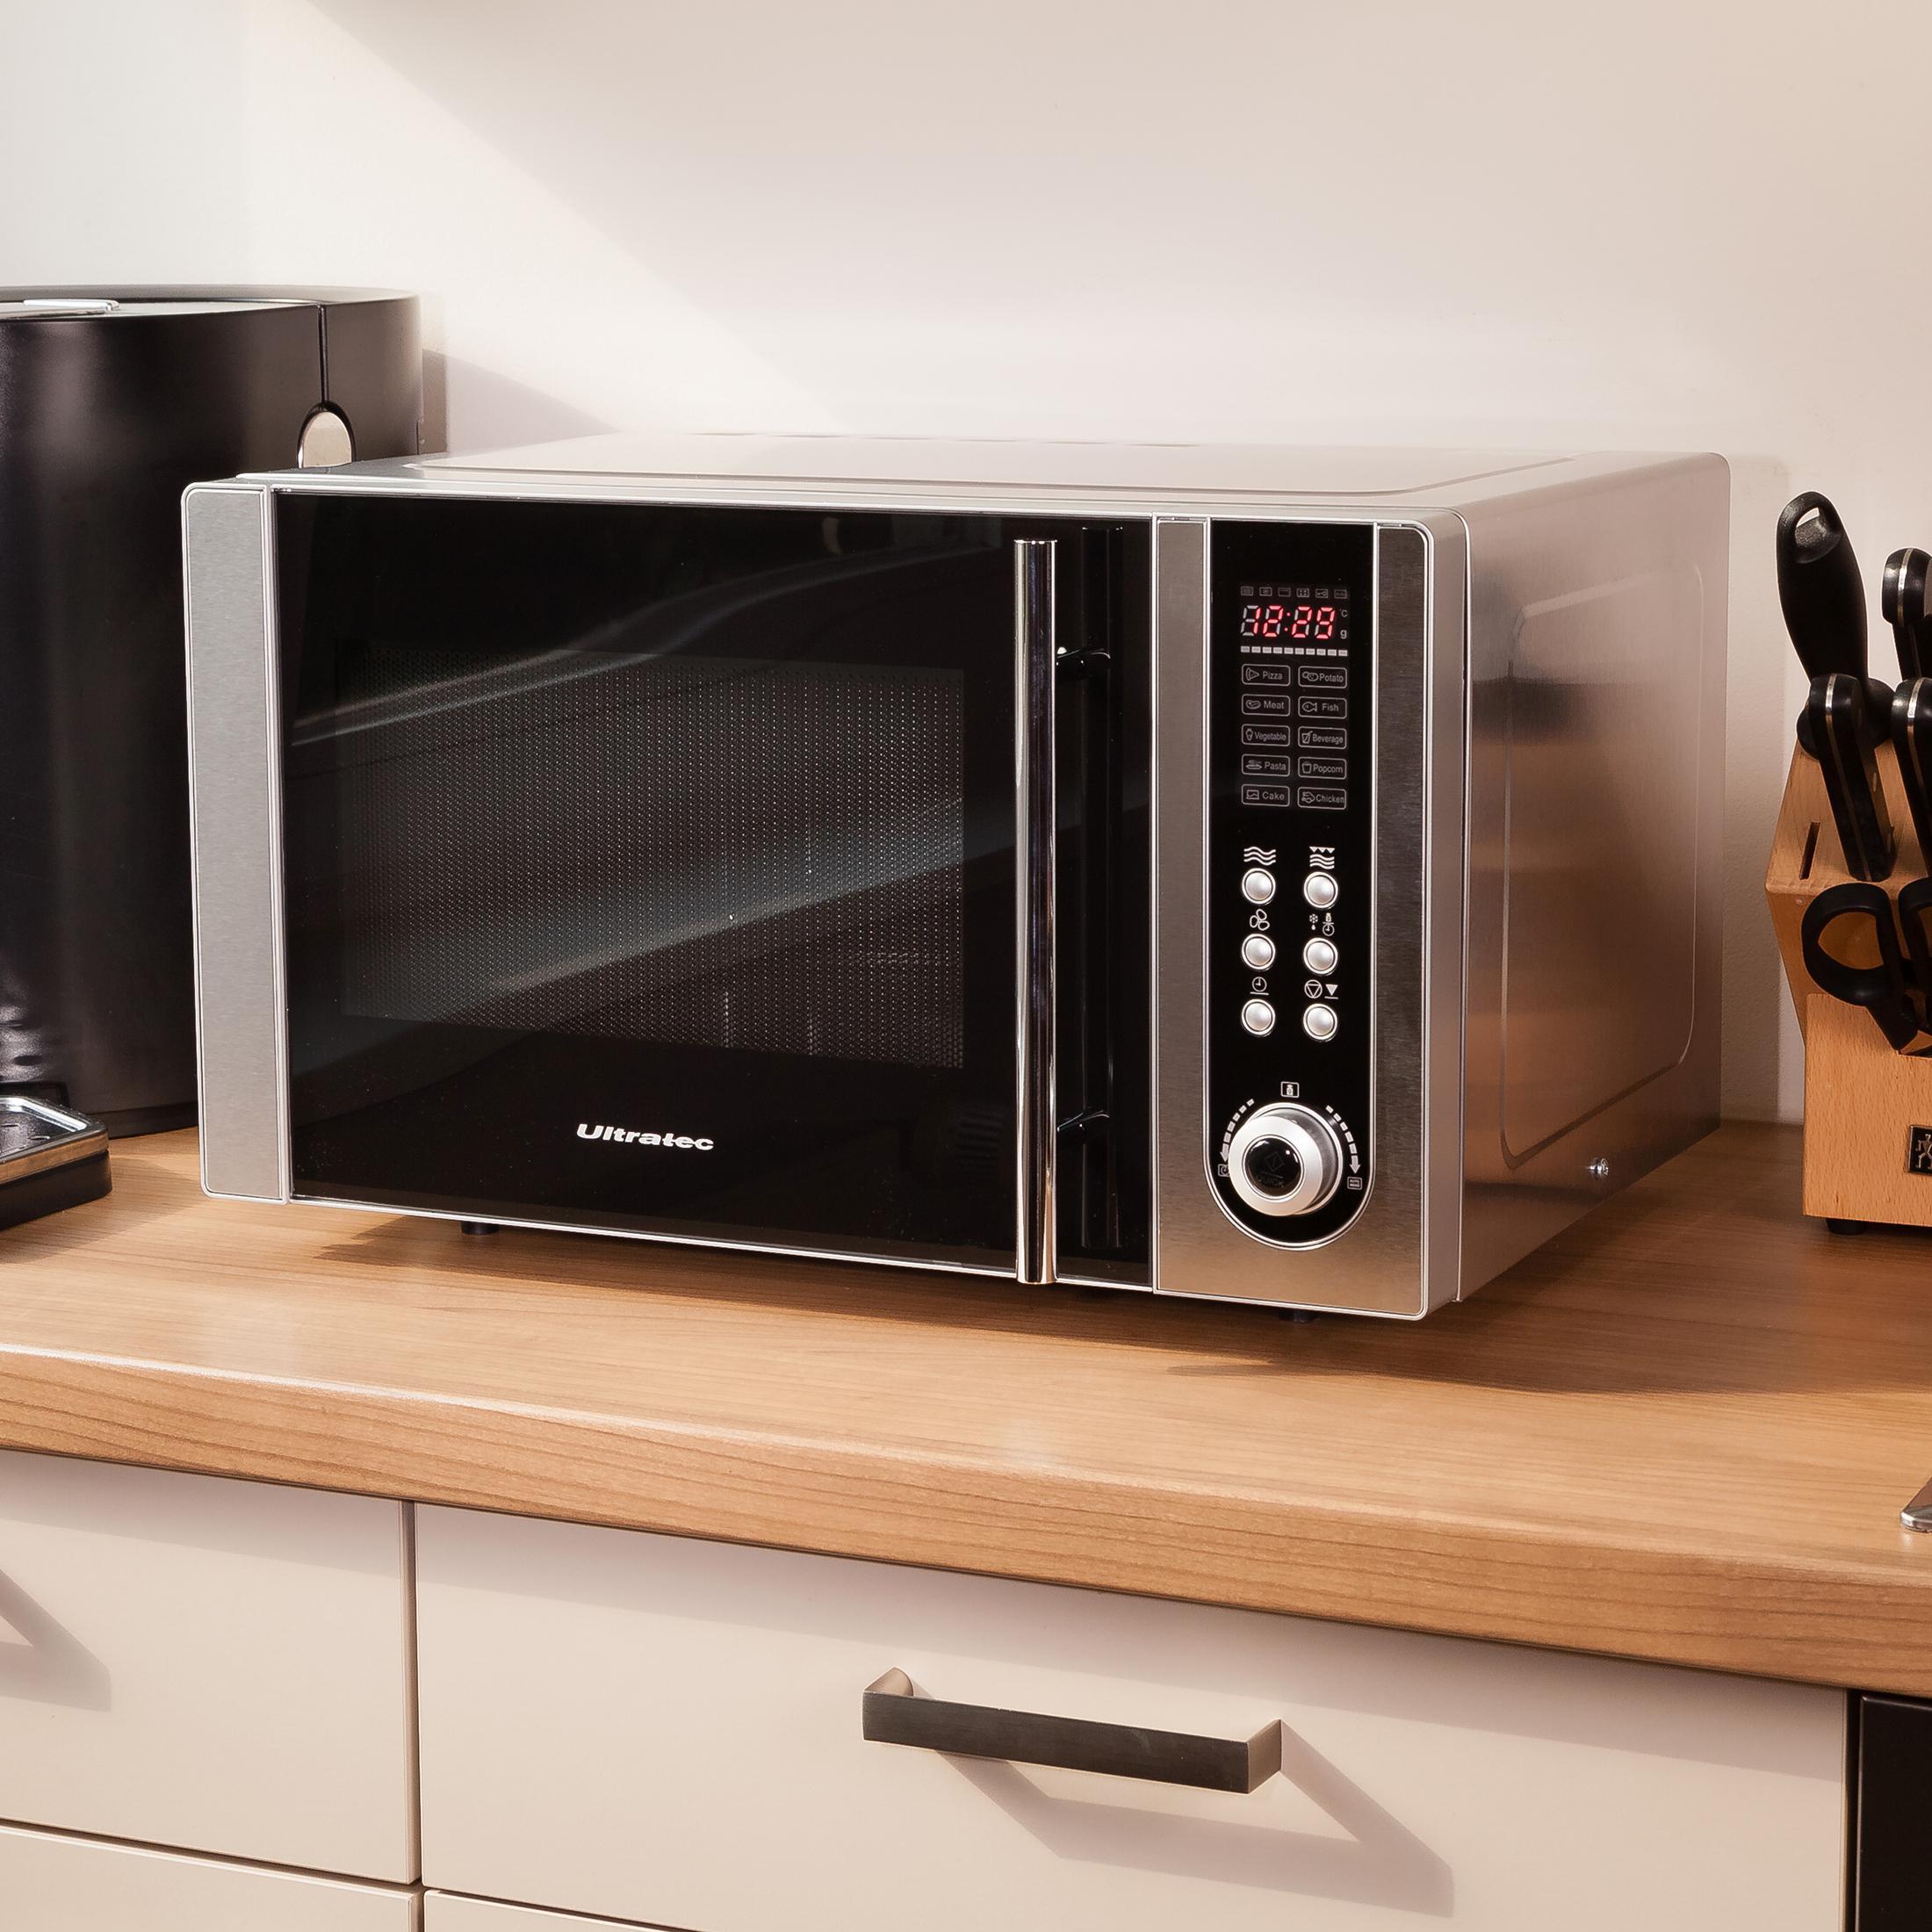 Ultratec forno a microonde mwg500 con grill e ventilazione - Forno con microonde ...